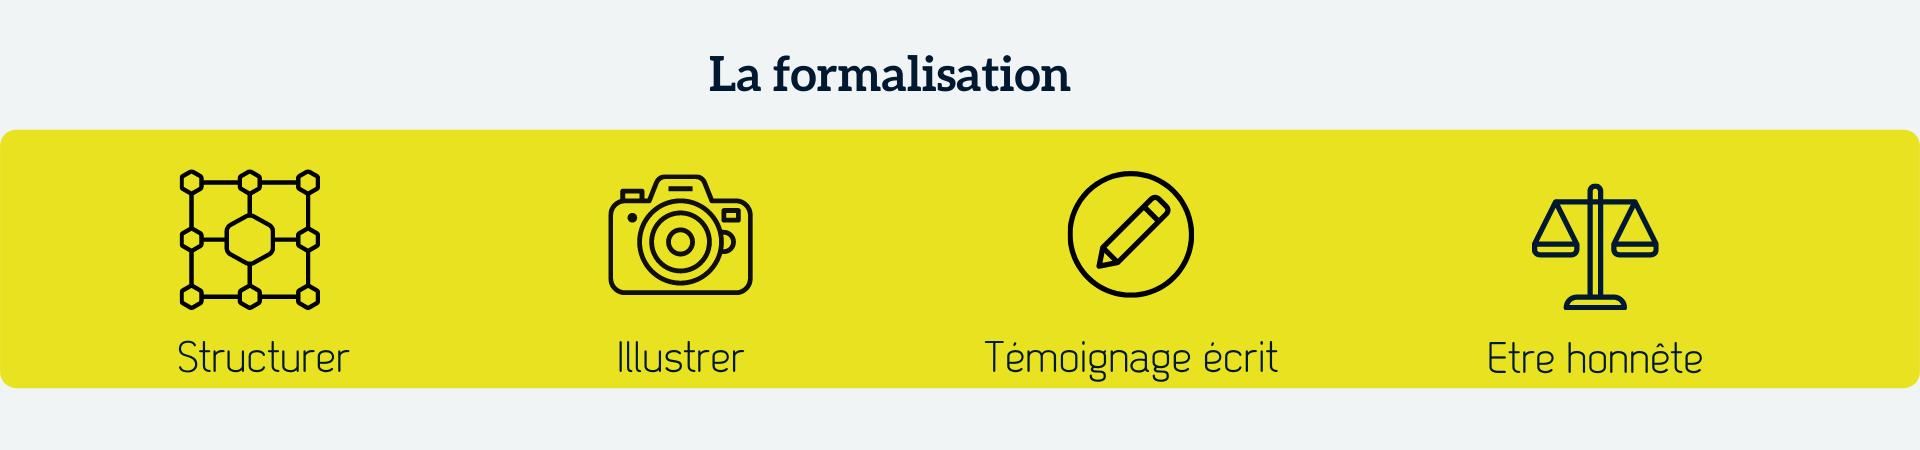 suite-formalisation-cas-client-reponses-demarches-resultats